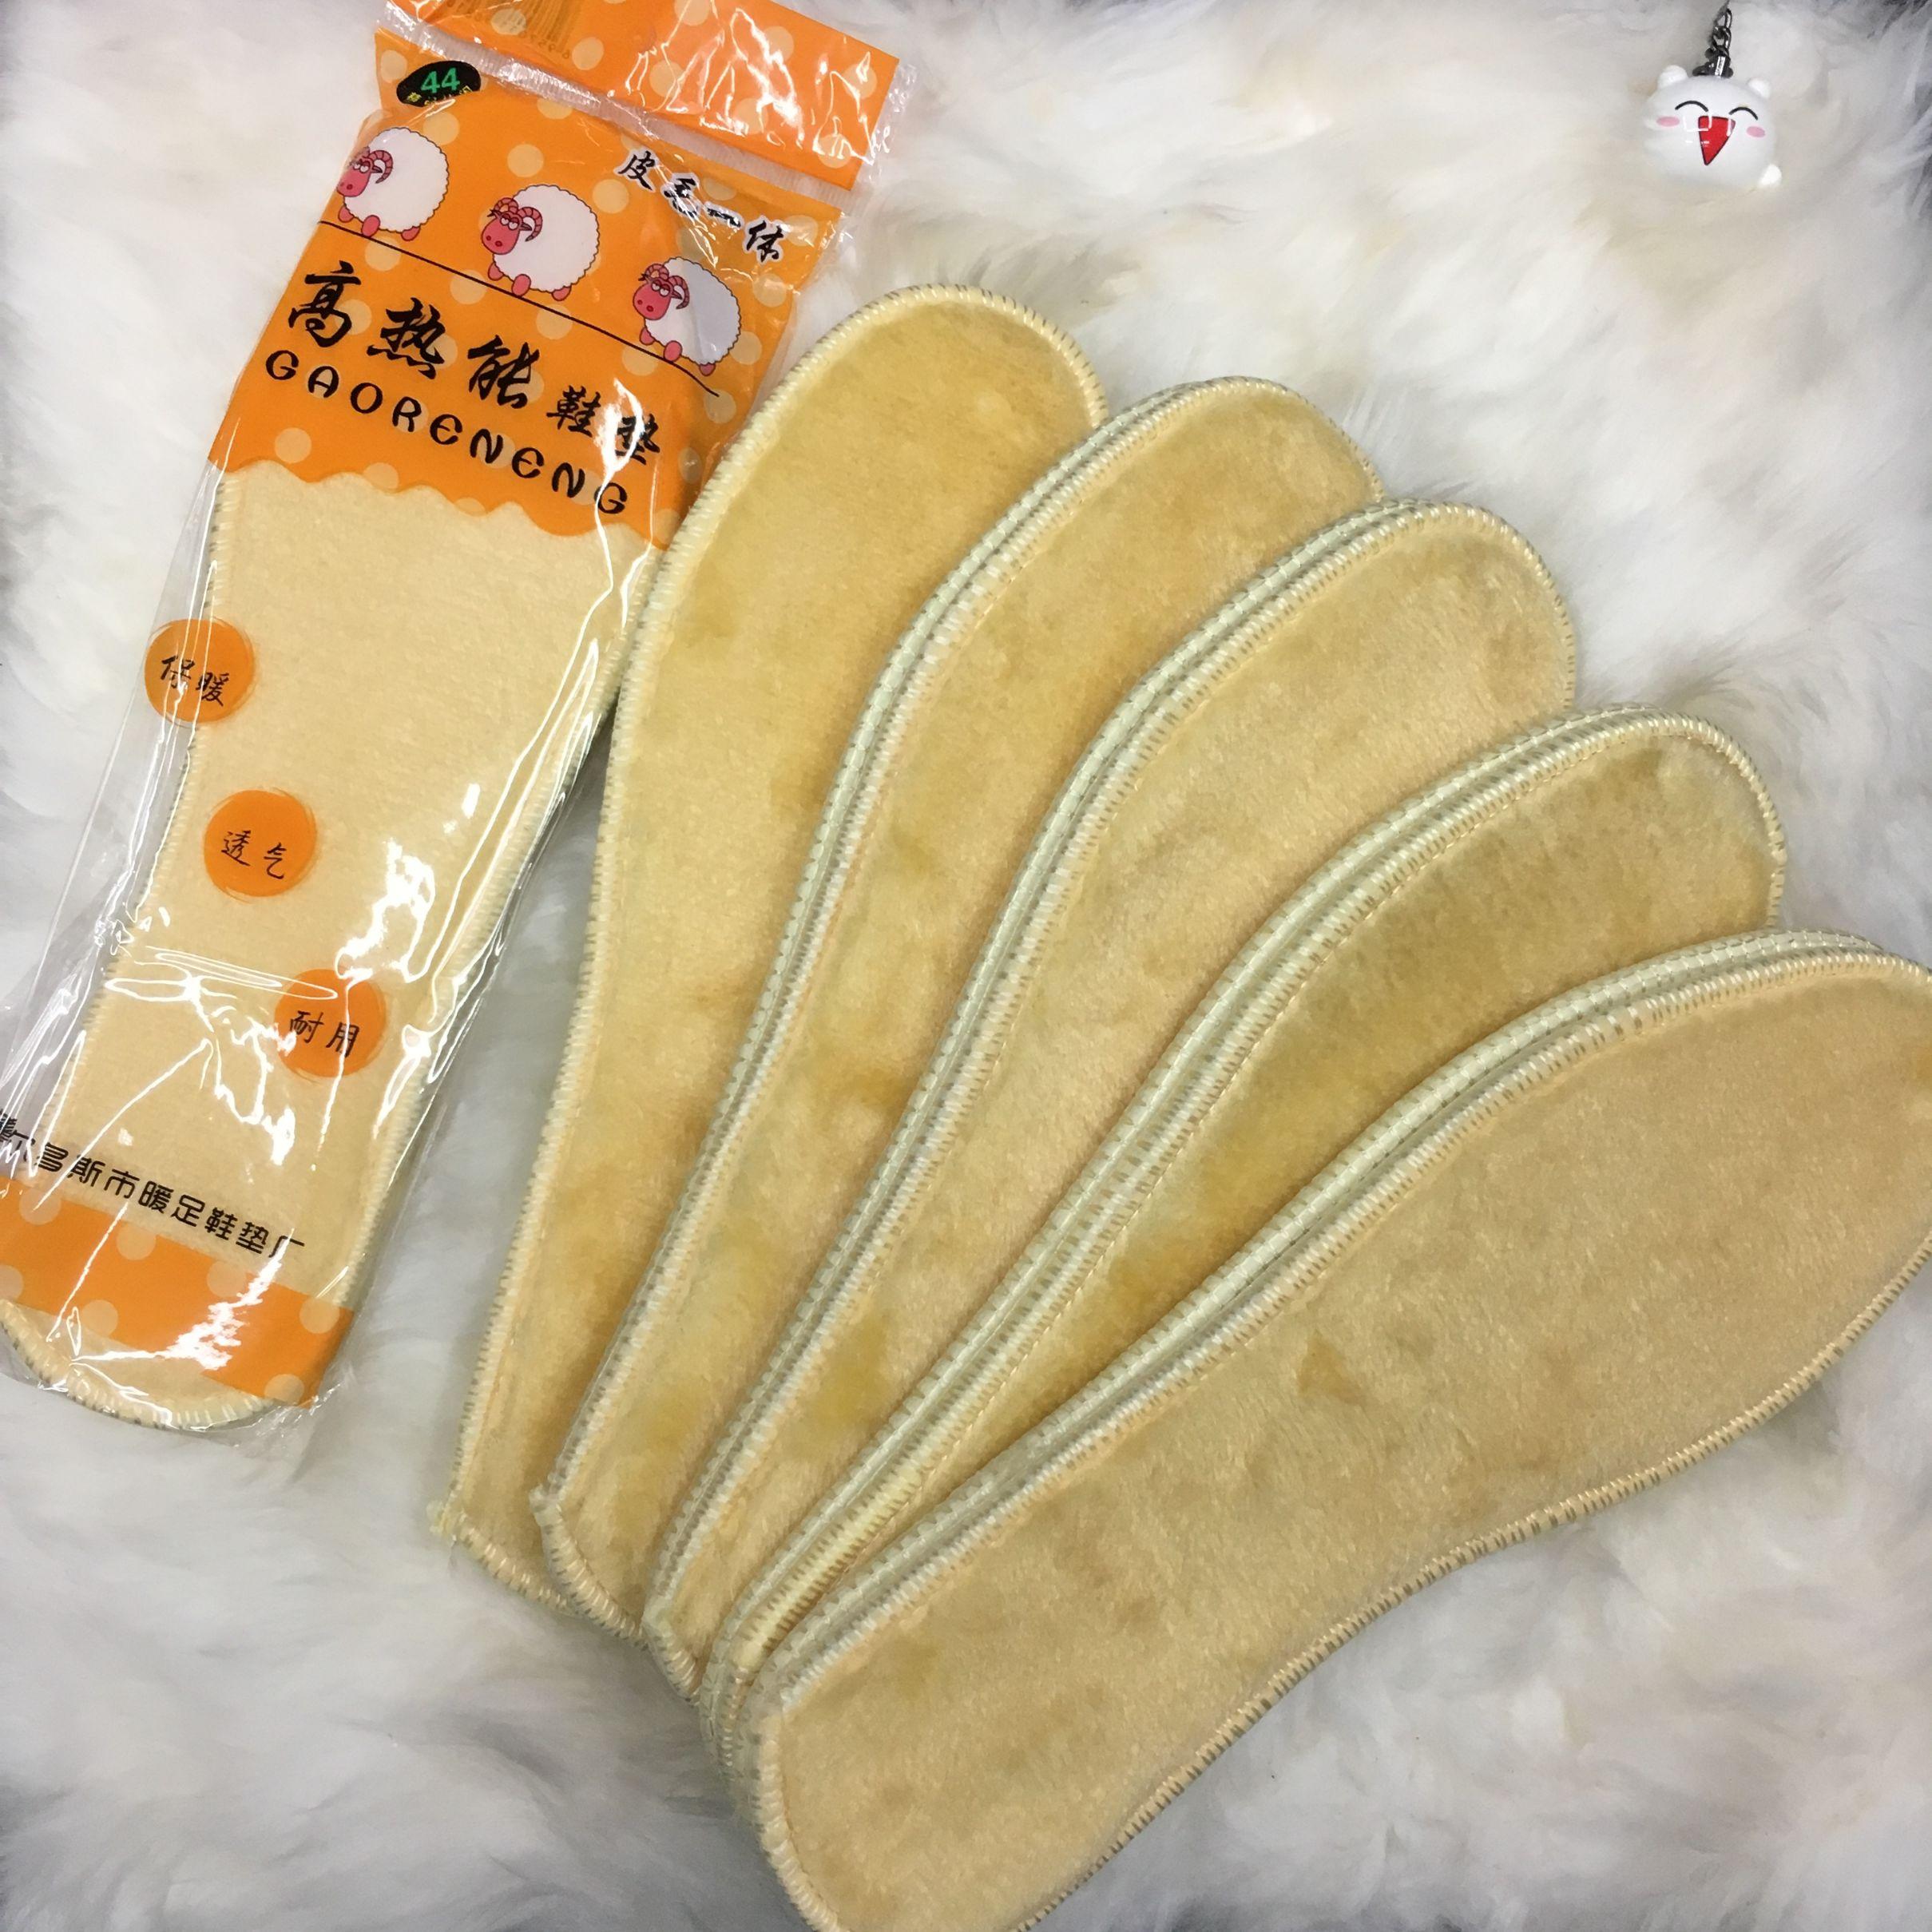 厂家直销 羊毛鞋垫皮毛一体 鞋垫 冬季 保暖 跑江湖地摊暴利产品